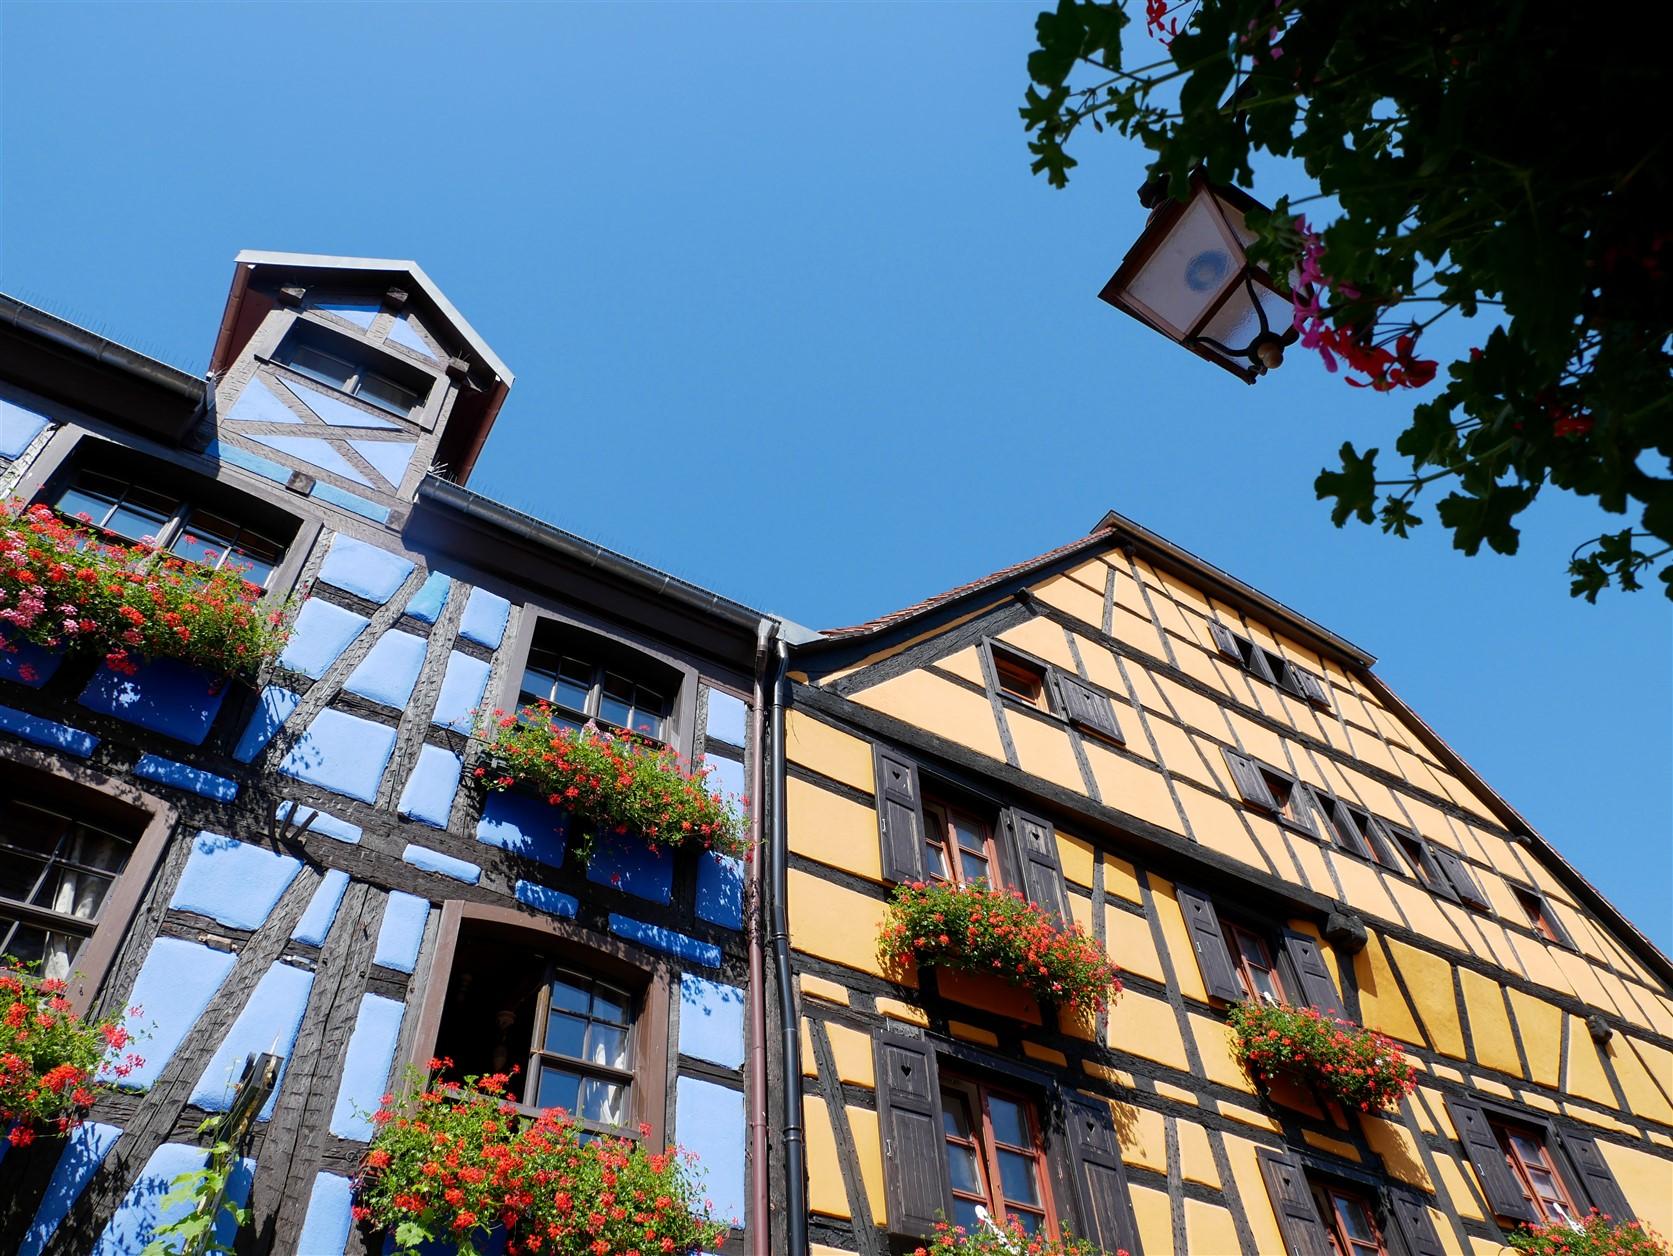 Maisons colorées à colombages à Riquewihr